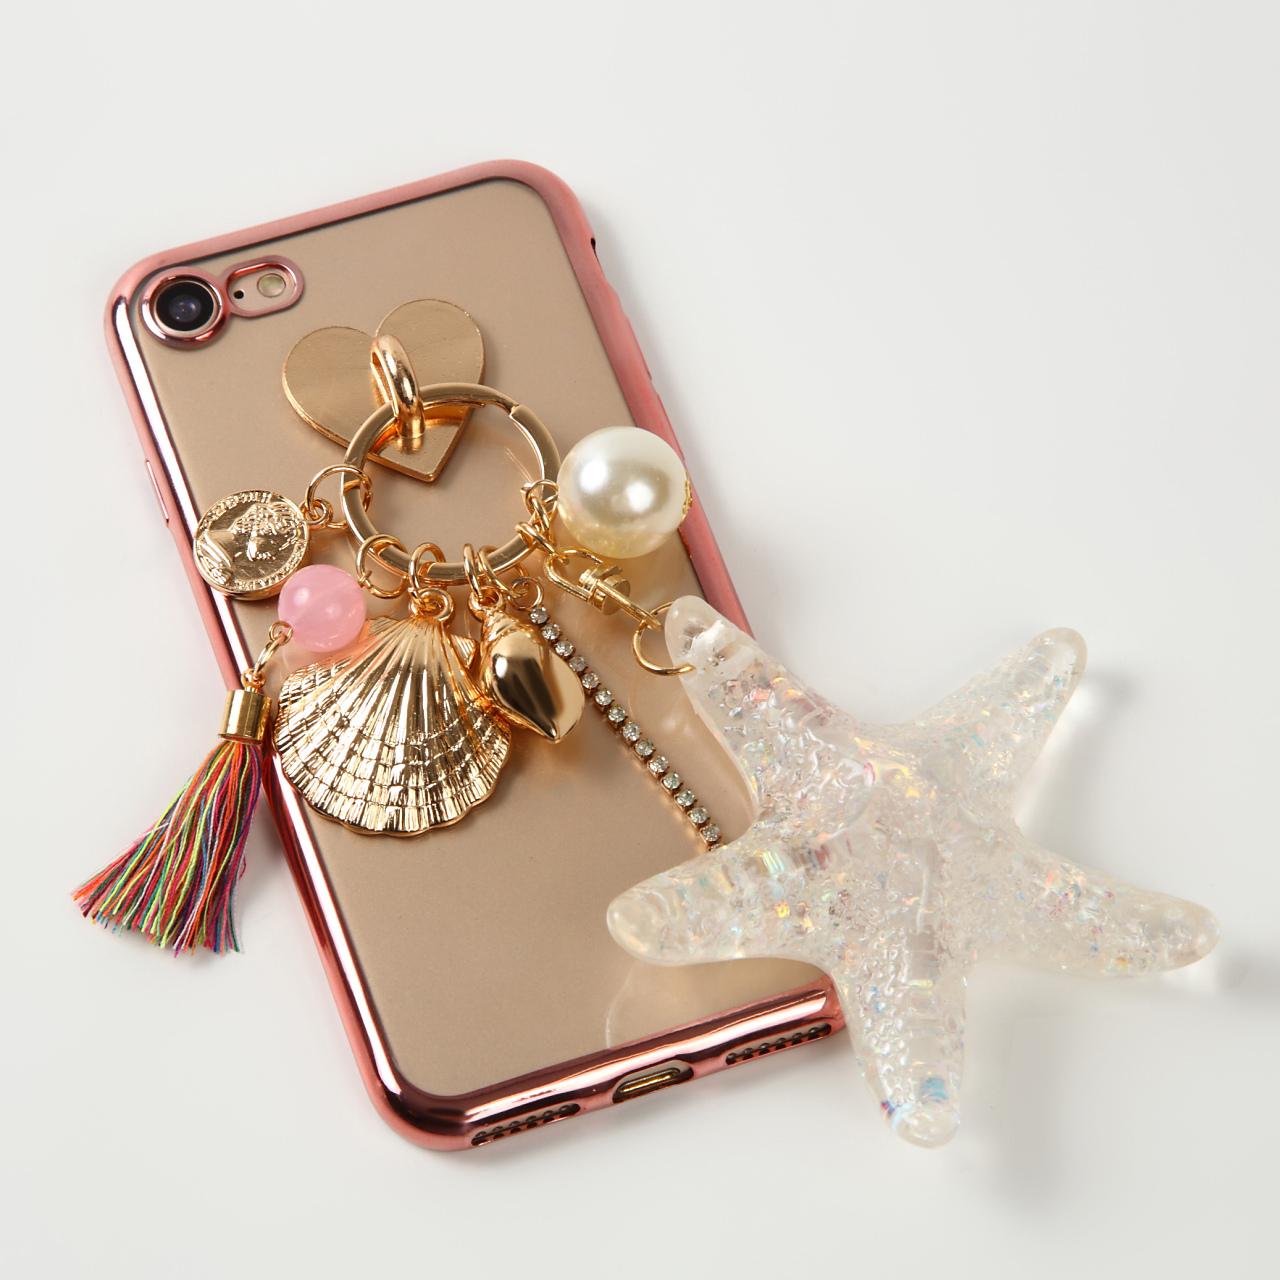 限定10個セール【即納★送料無料】縁ローズゴールドソフトケースにヒトデ 貝殻 チャーム付 iPhoneケース